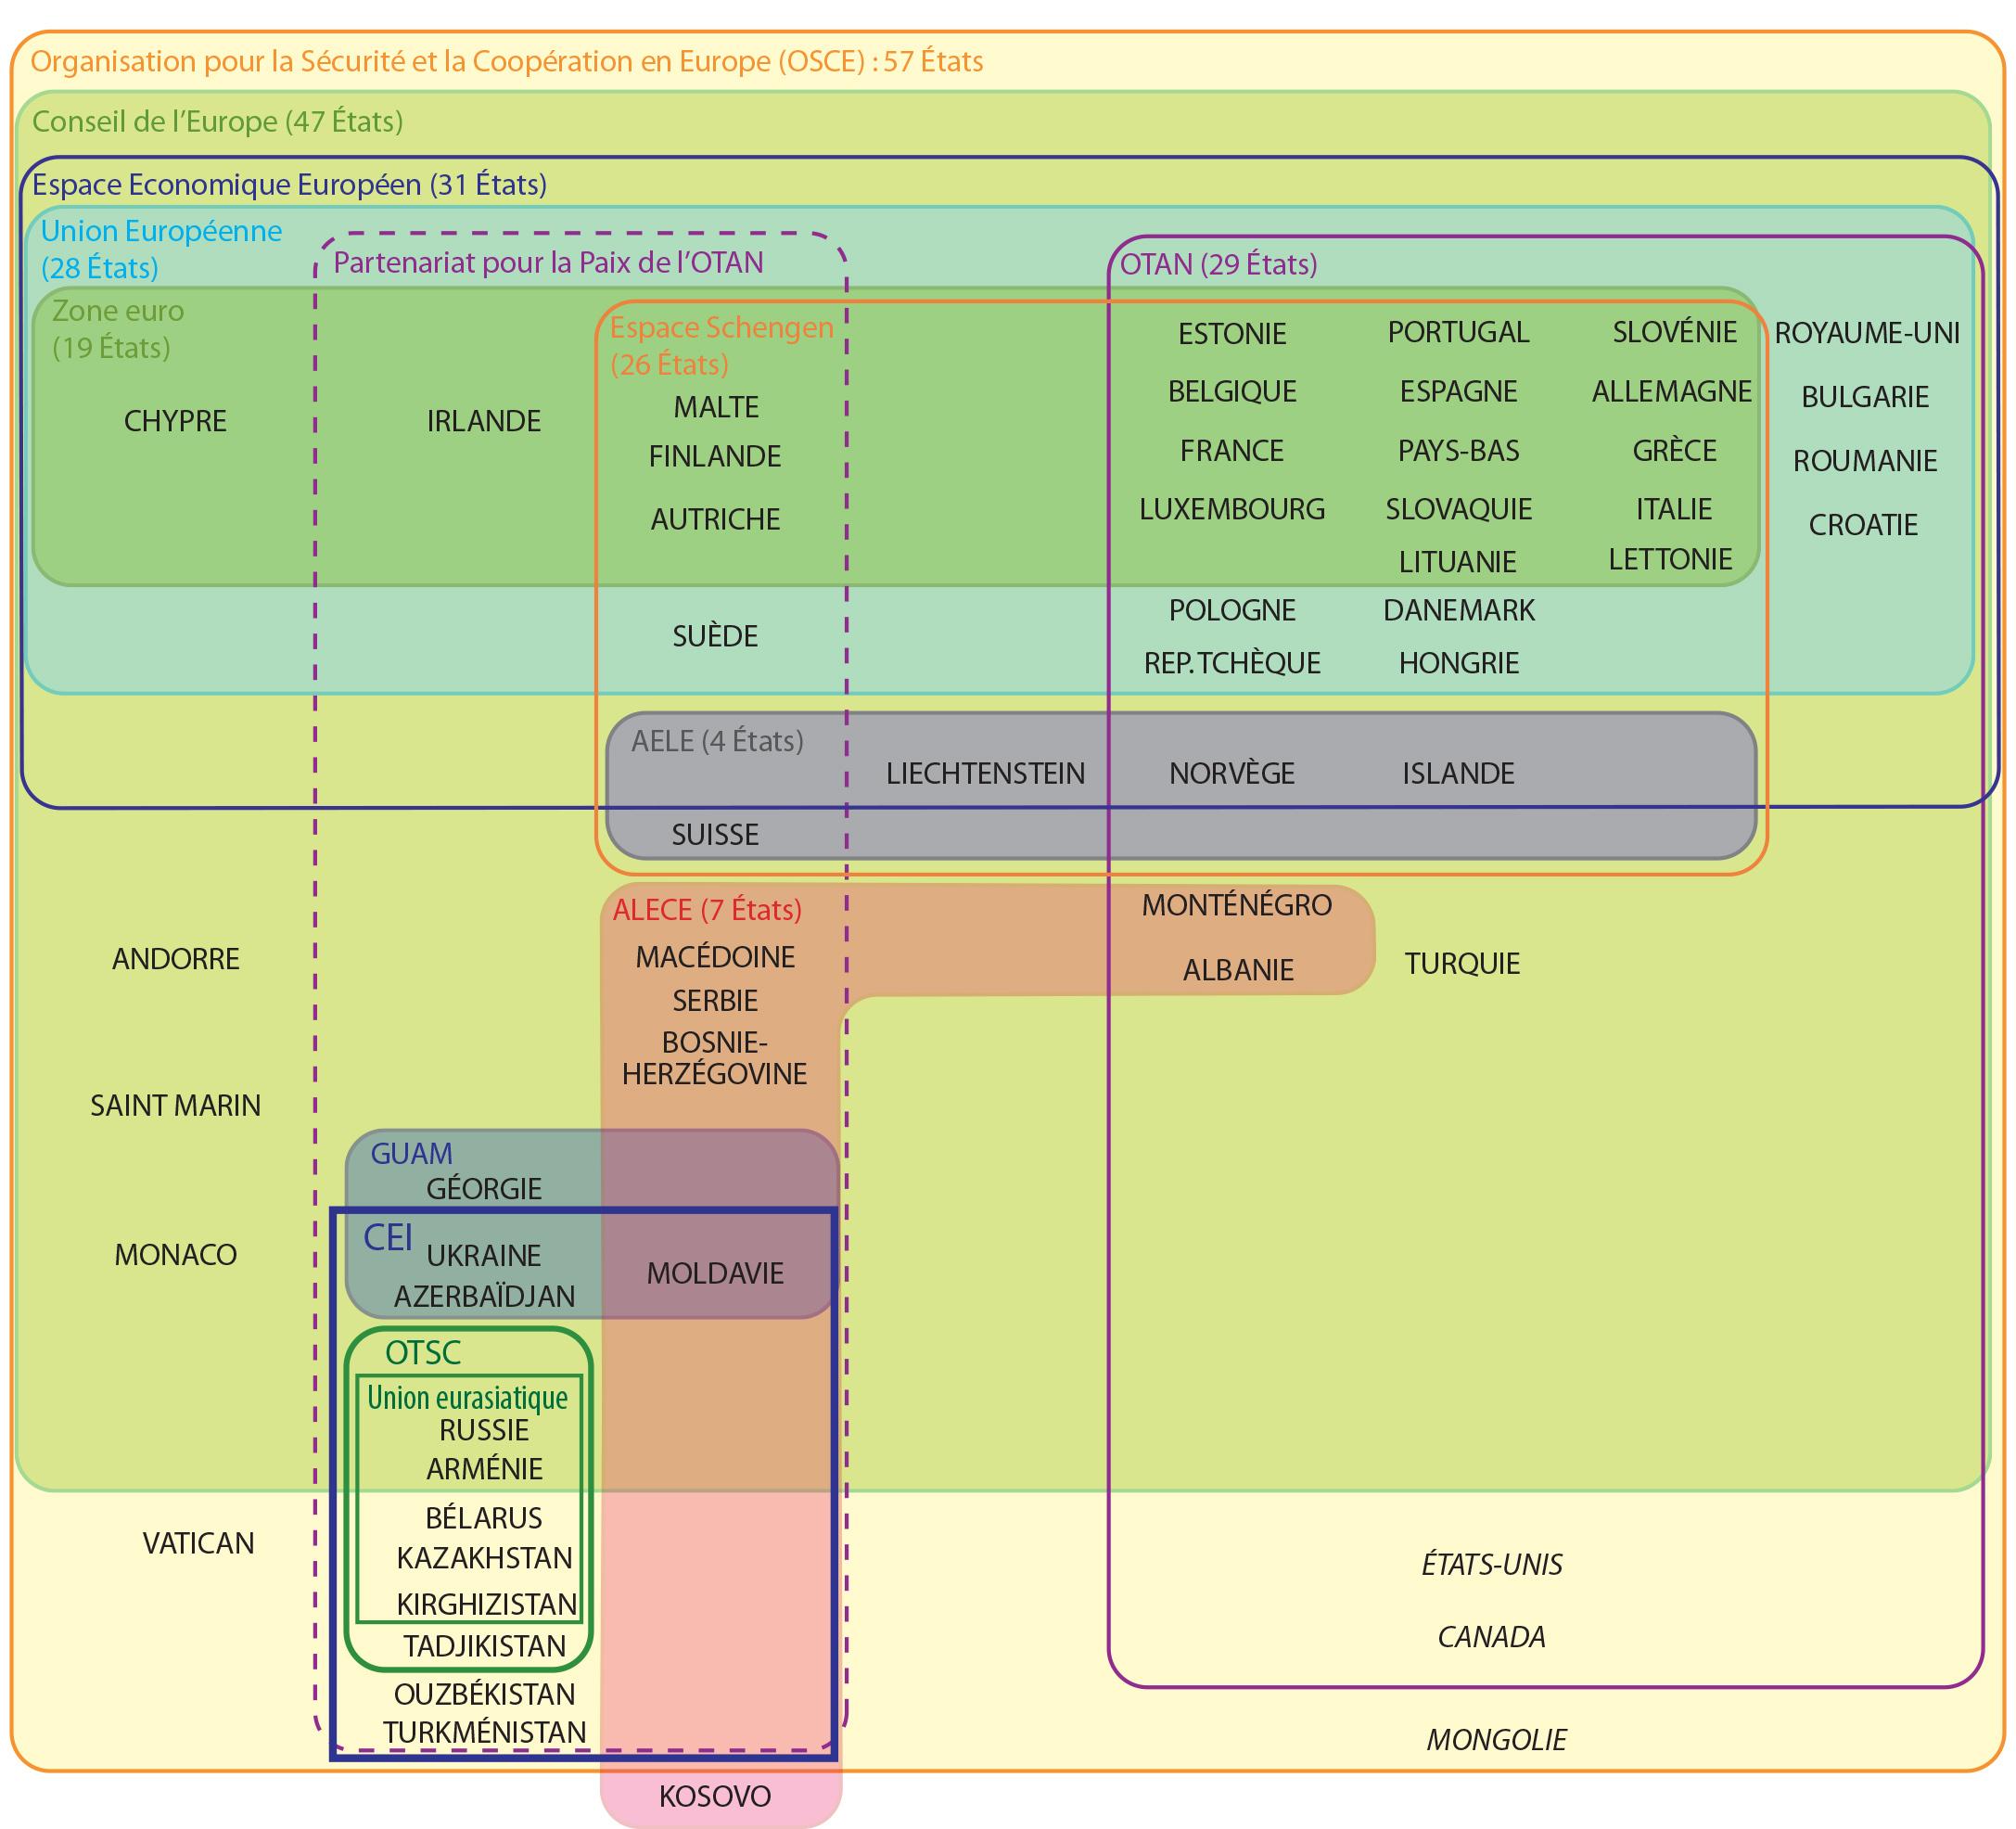 Schéma général de l'Europe et de la coopération entre Etats : UE, OTAN, CEI, OSTC, EURO, etc.